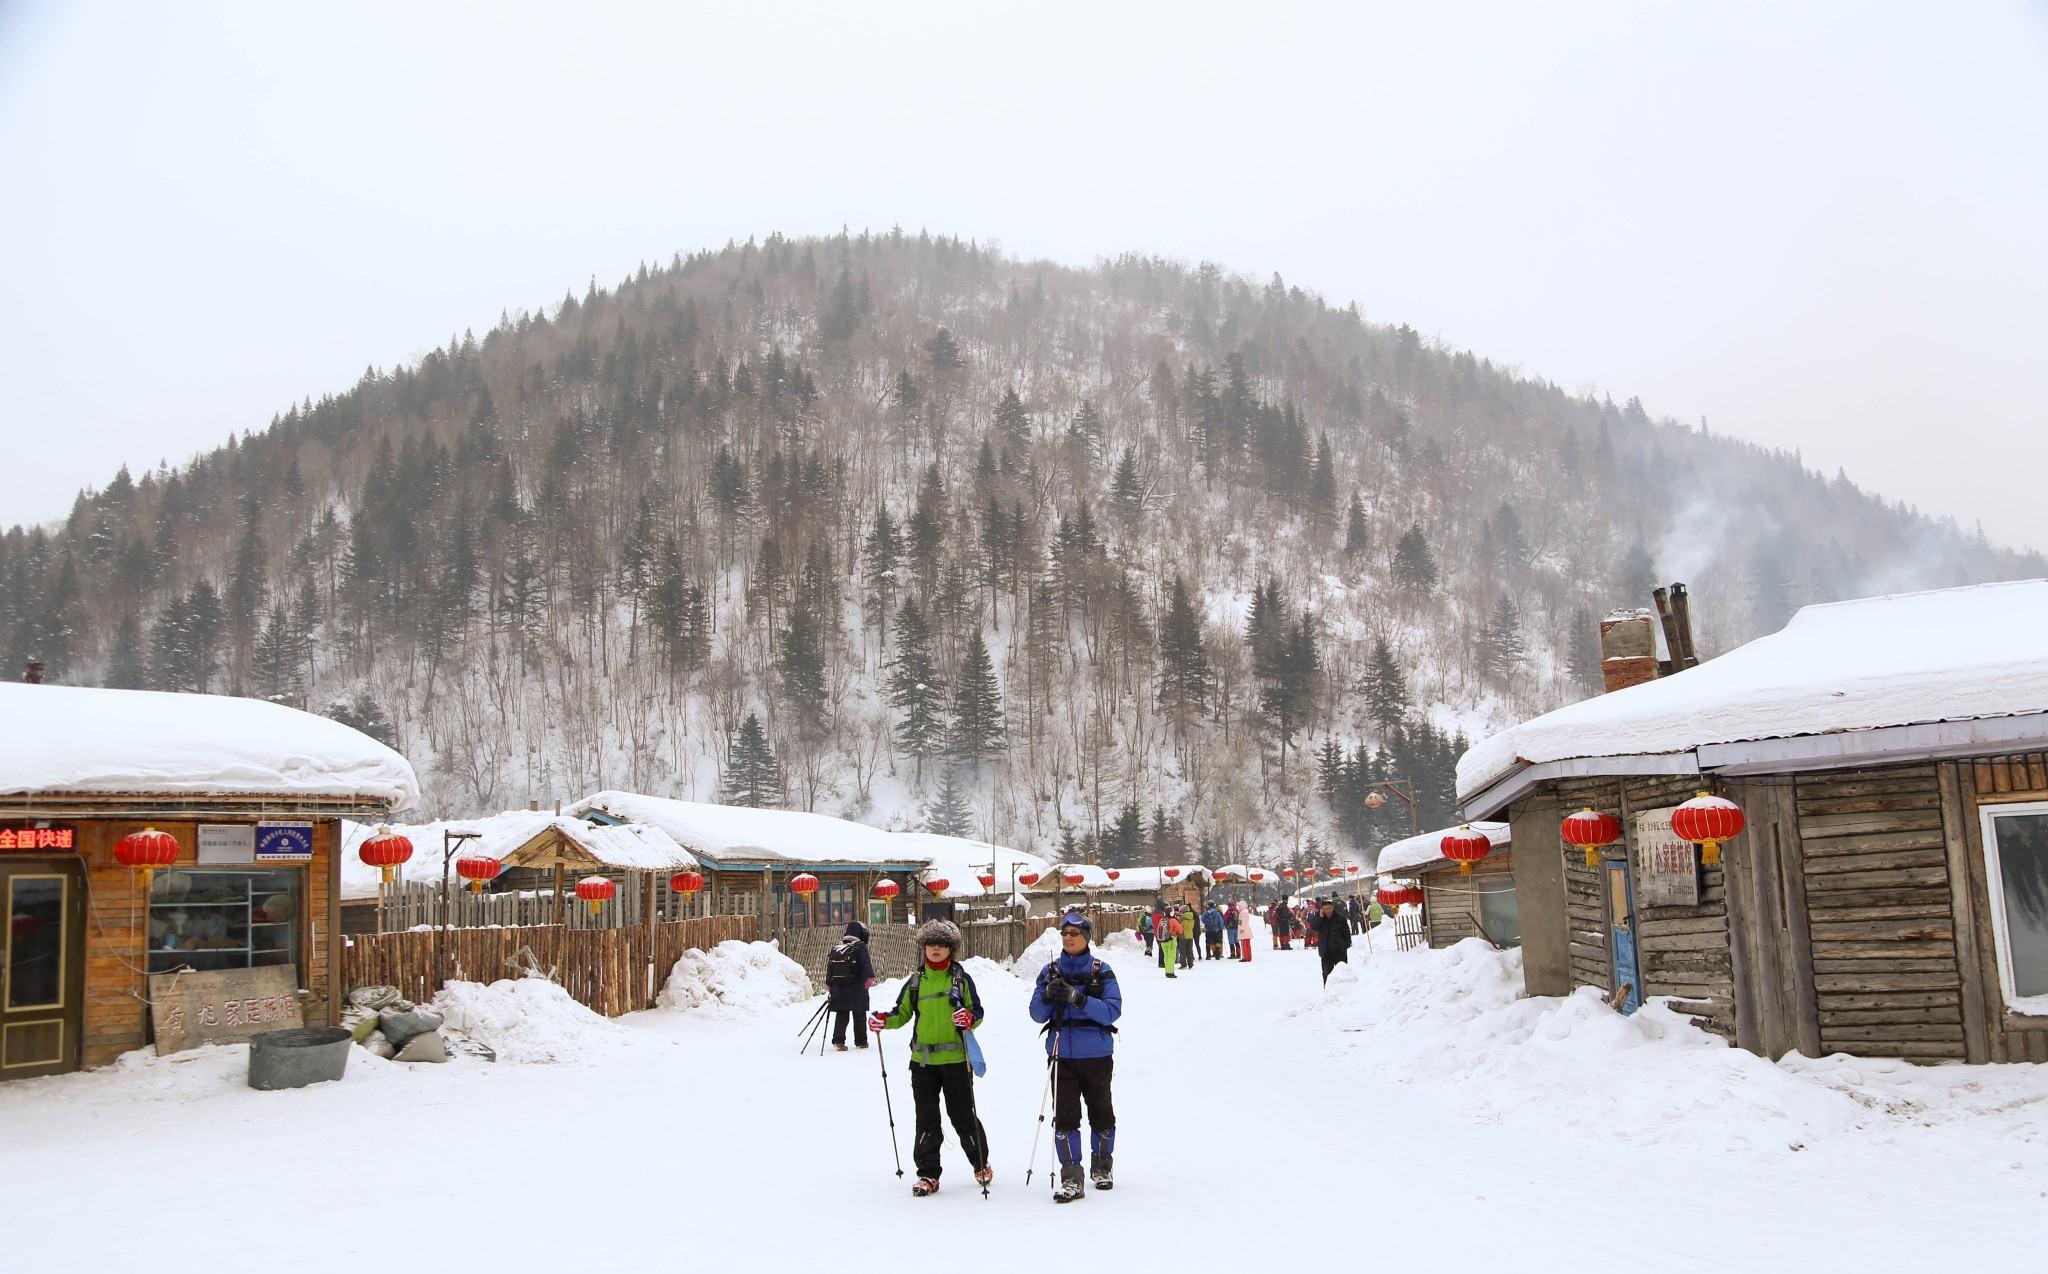 雪乡,雪谷,索菲亚教堂,3天玩转雪国冬天